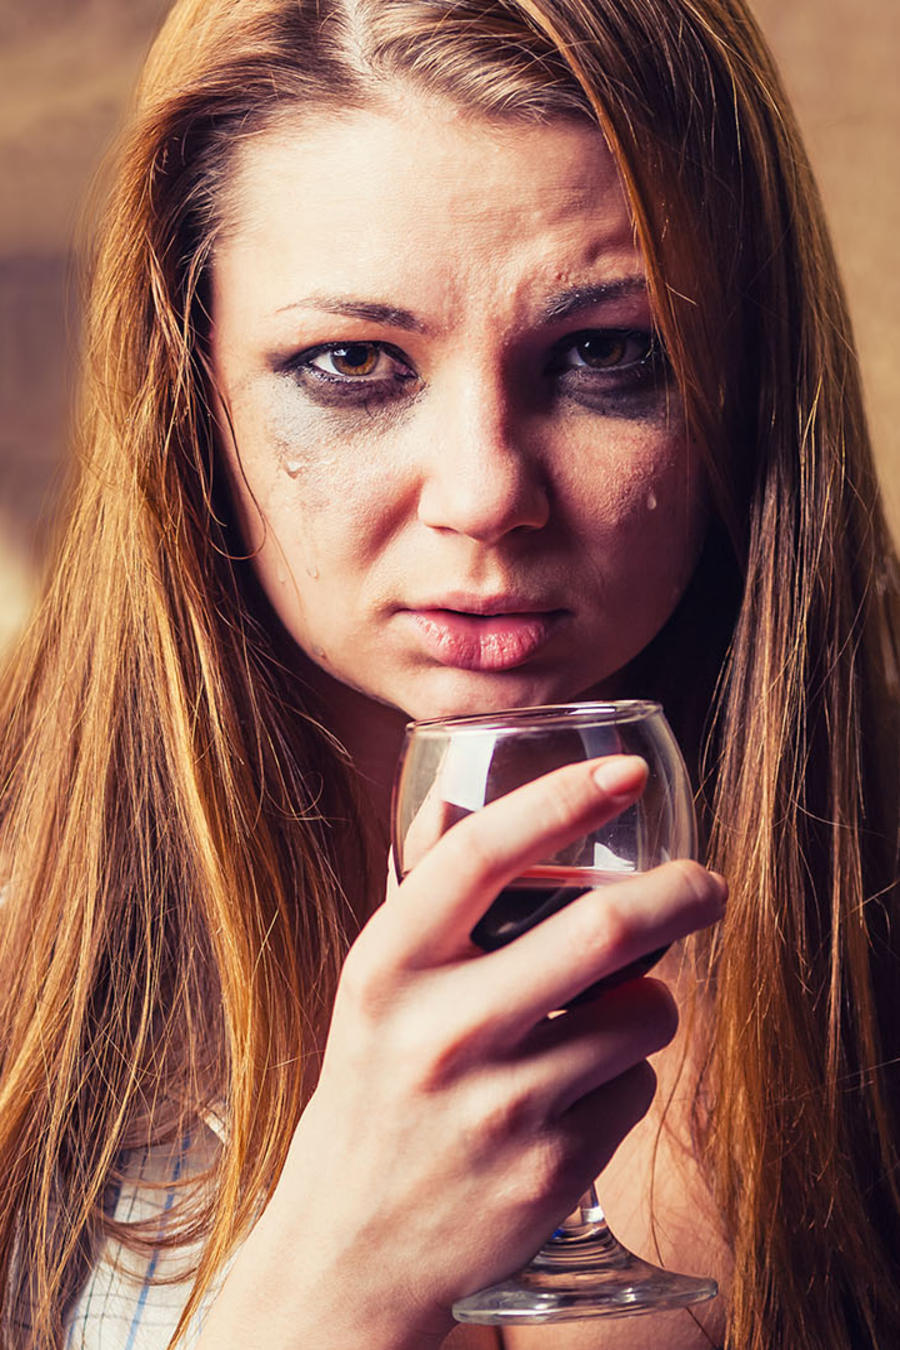 mujer llorando y bebiendo vino